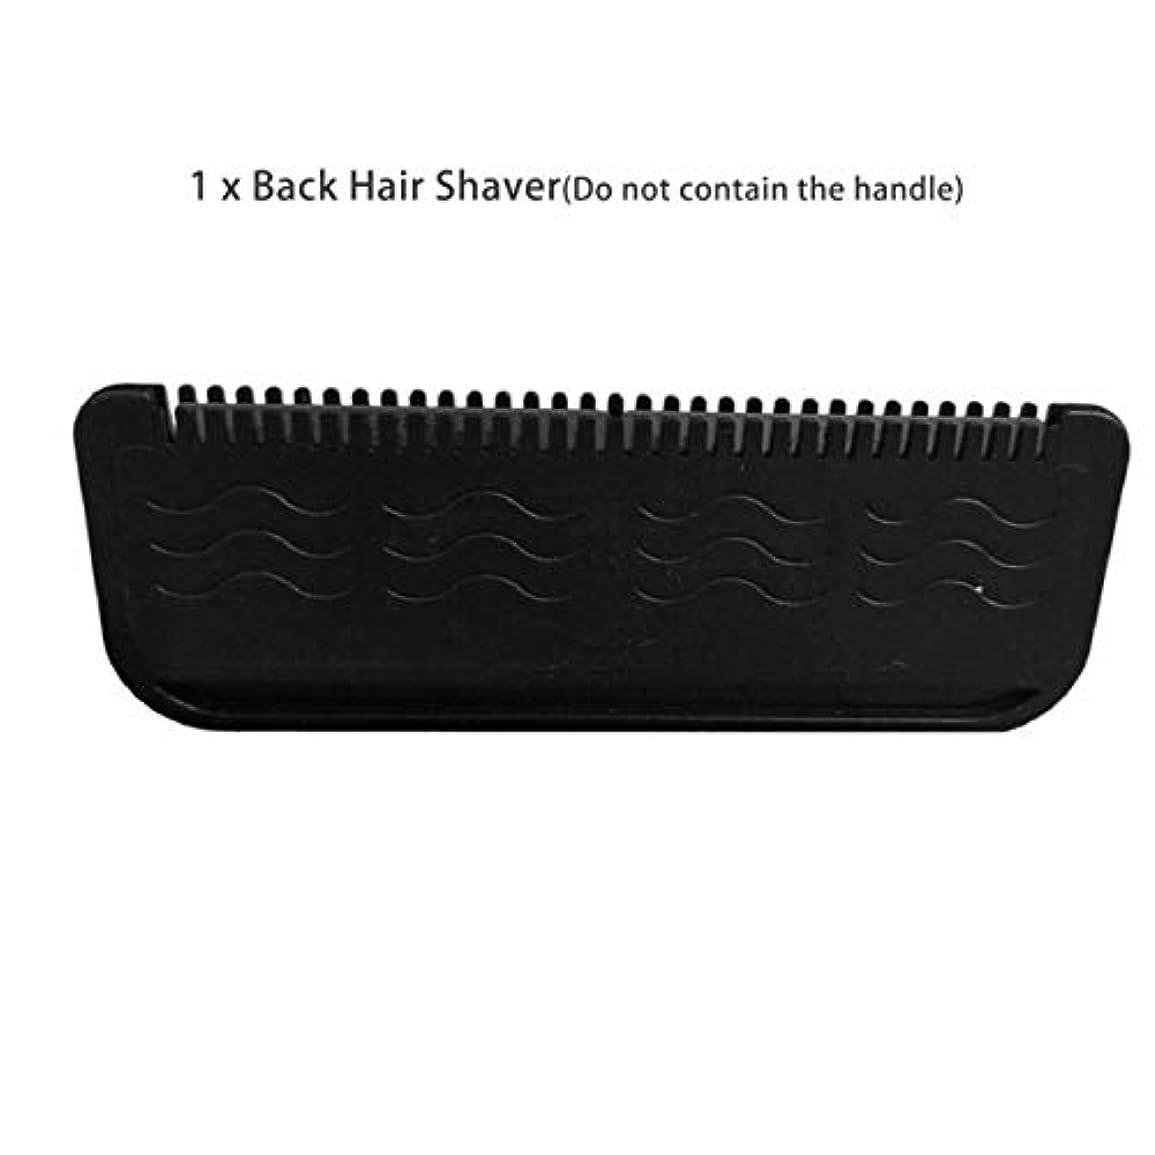 アラブ任命初期マニュアルバックヘアシェーバーステンレスブレードカミソリ痛みのない除毛ブレードボディヘアケアシェービングカミソリ男性用-青&黒